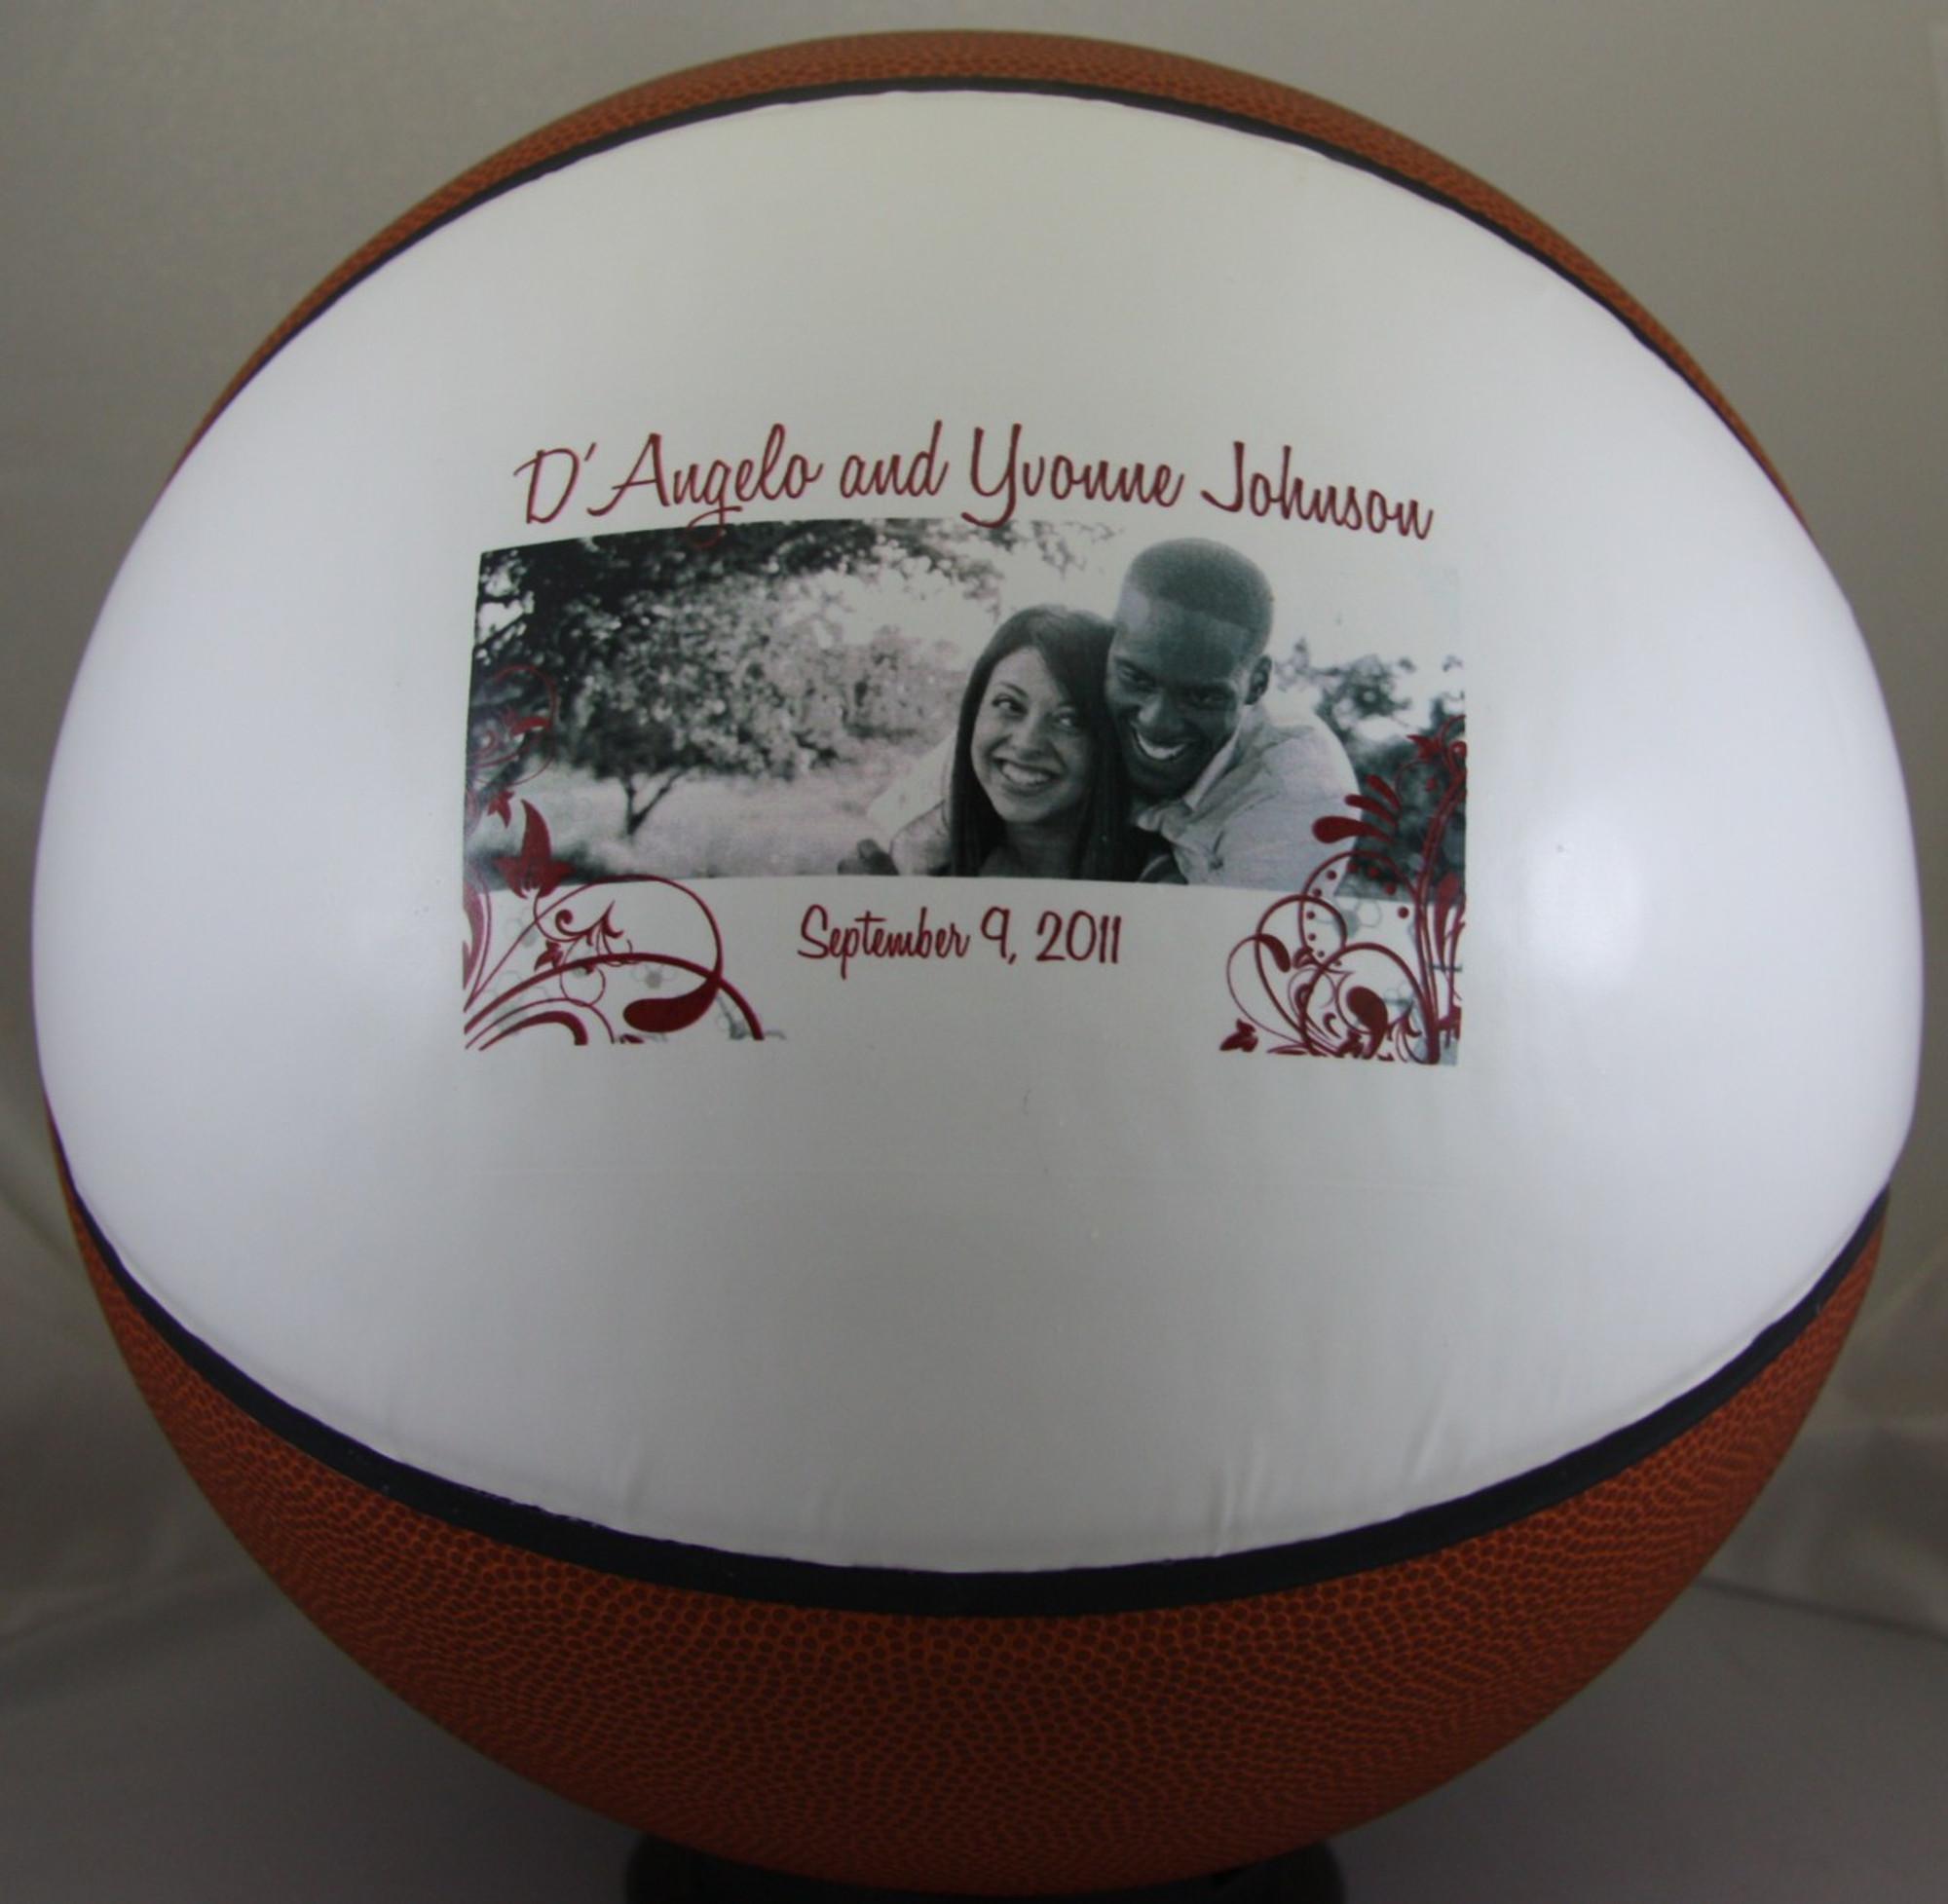 7ddec68c8dd Personalized Fullsize Basketball Full Size Basketball personalized for  anniversary gift.